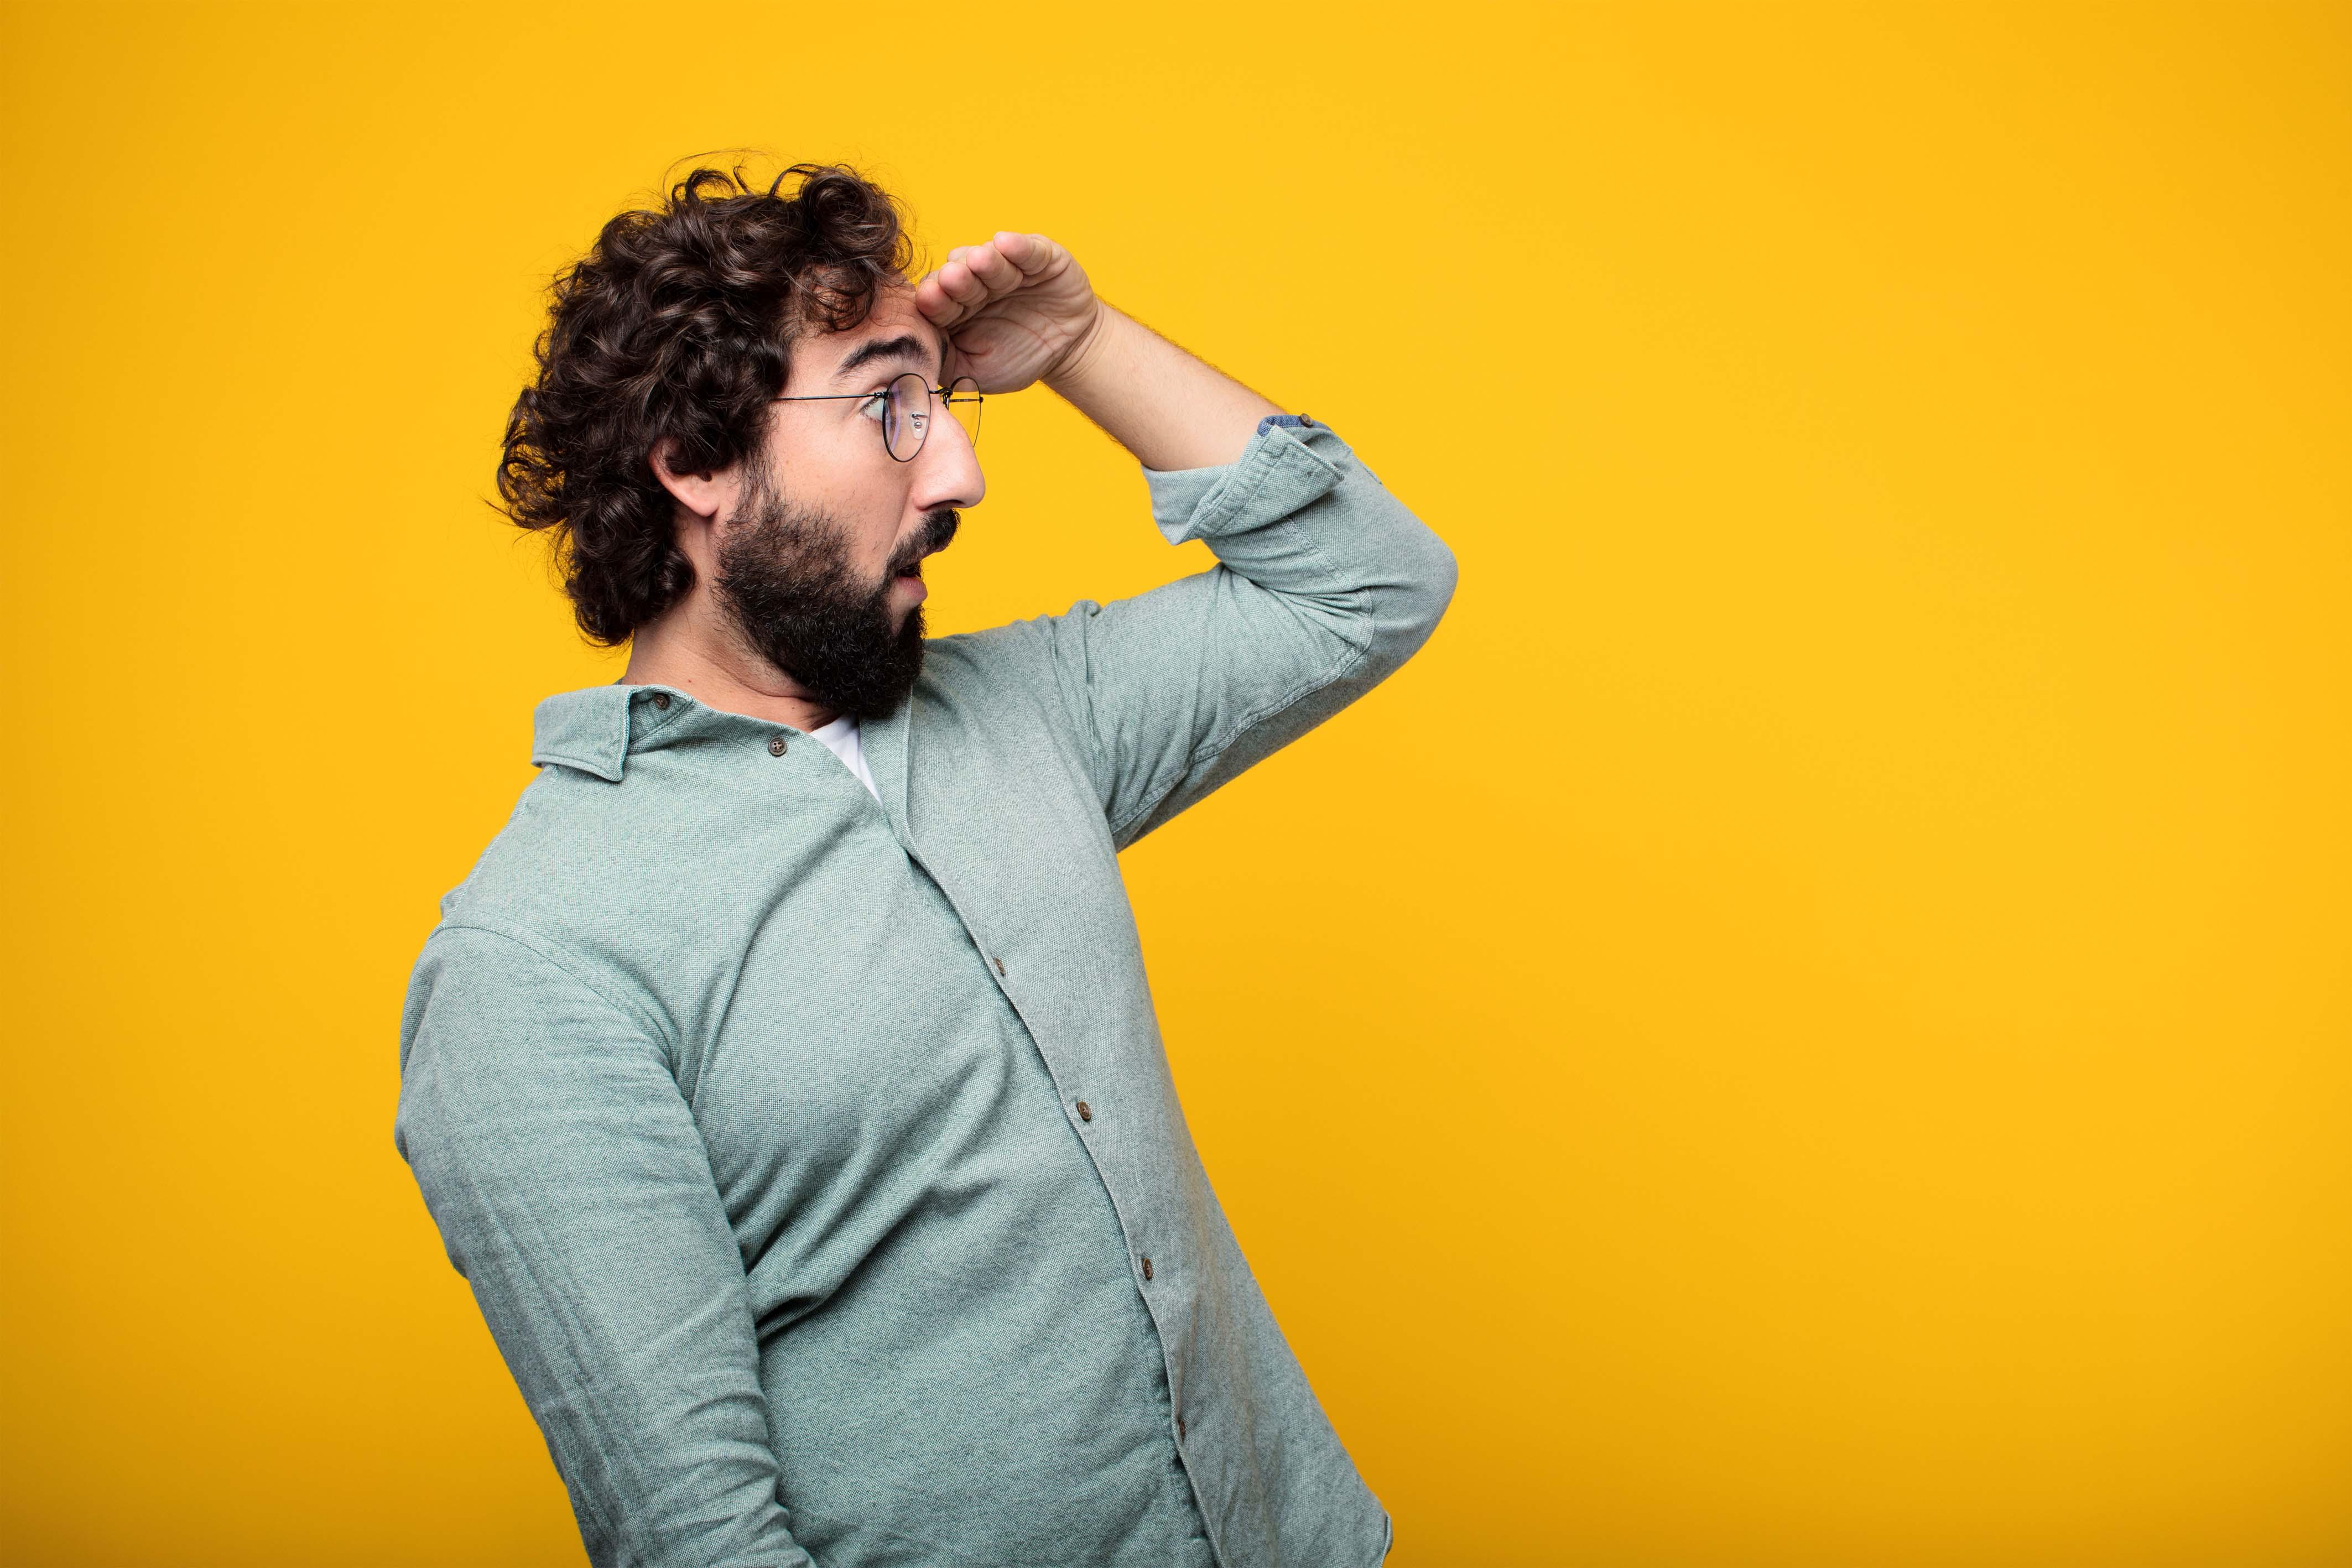 Hombre inclinado hacia su izquierda mirando el horizonte en fondo amarillo